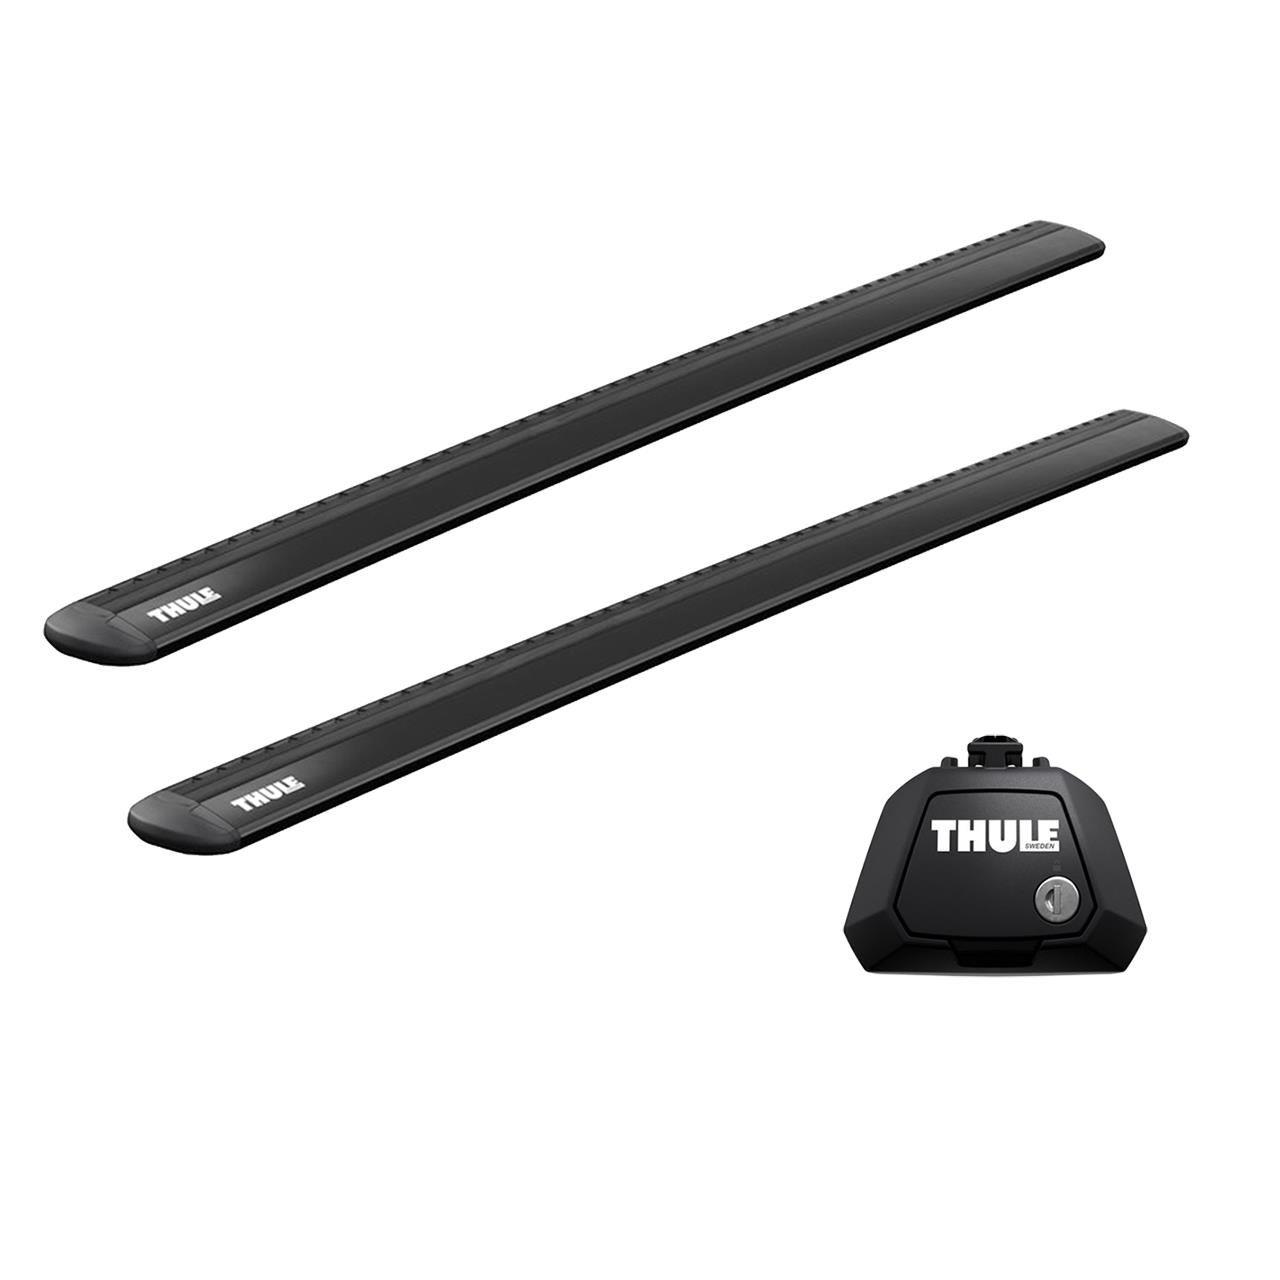 Напречни греди Thule Evo Raised Rail WingBar Evo 127cm в Черно за HYUNDAI Tucson 5 врати SUV 10-15 с фабрични надлъжни греди с просвет 1